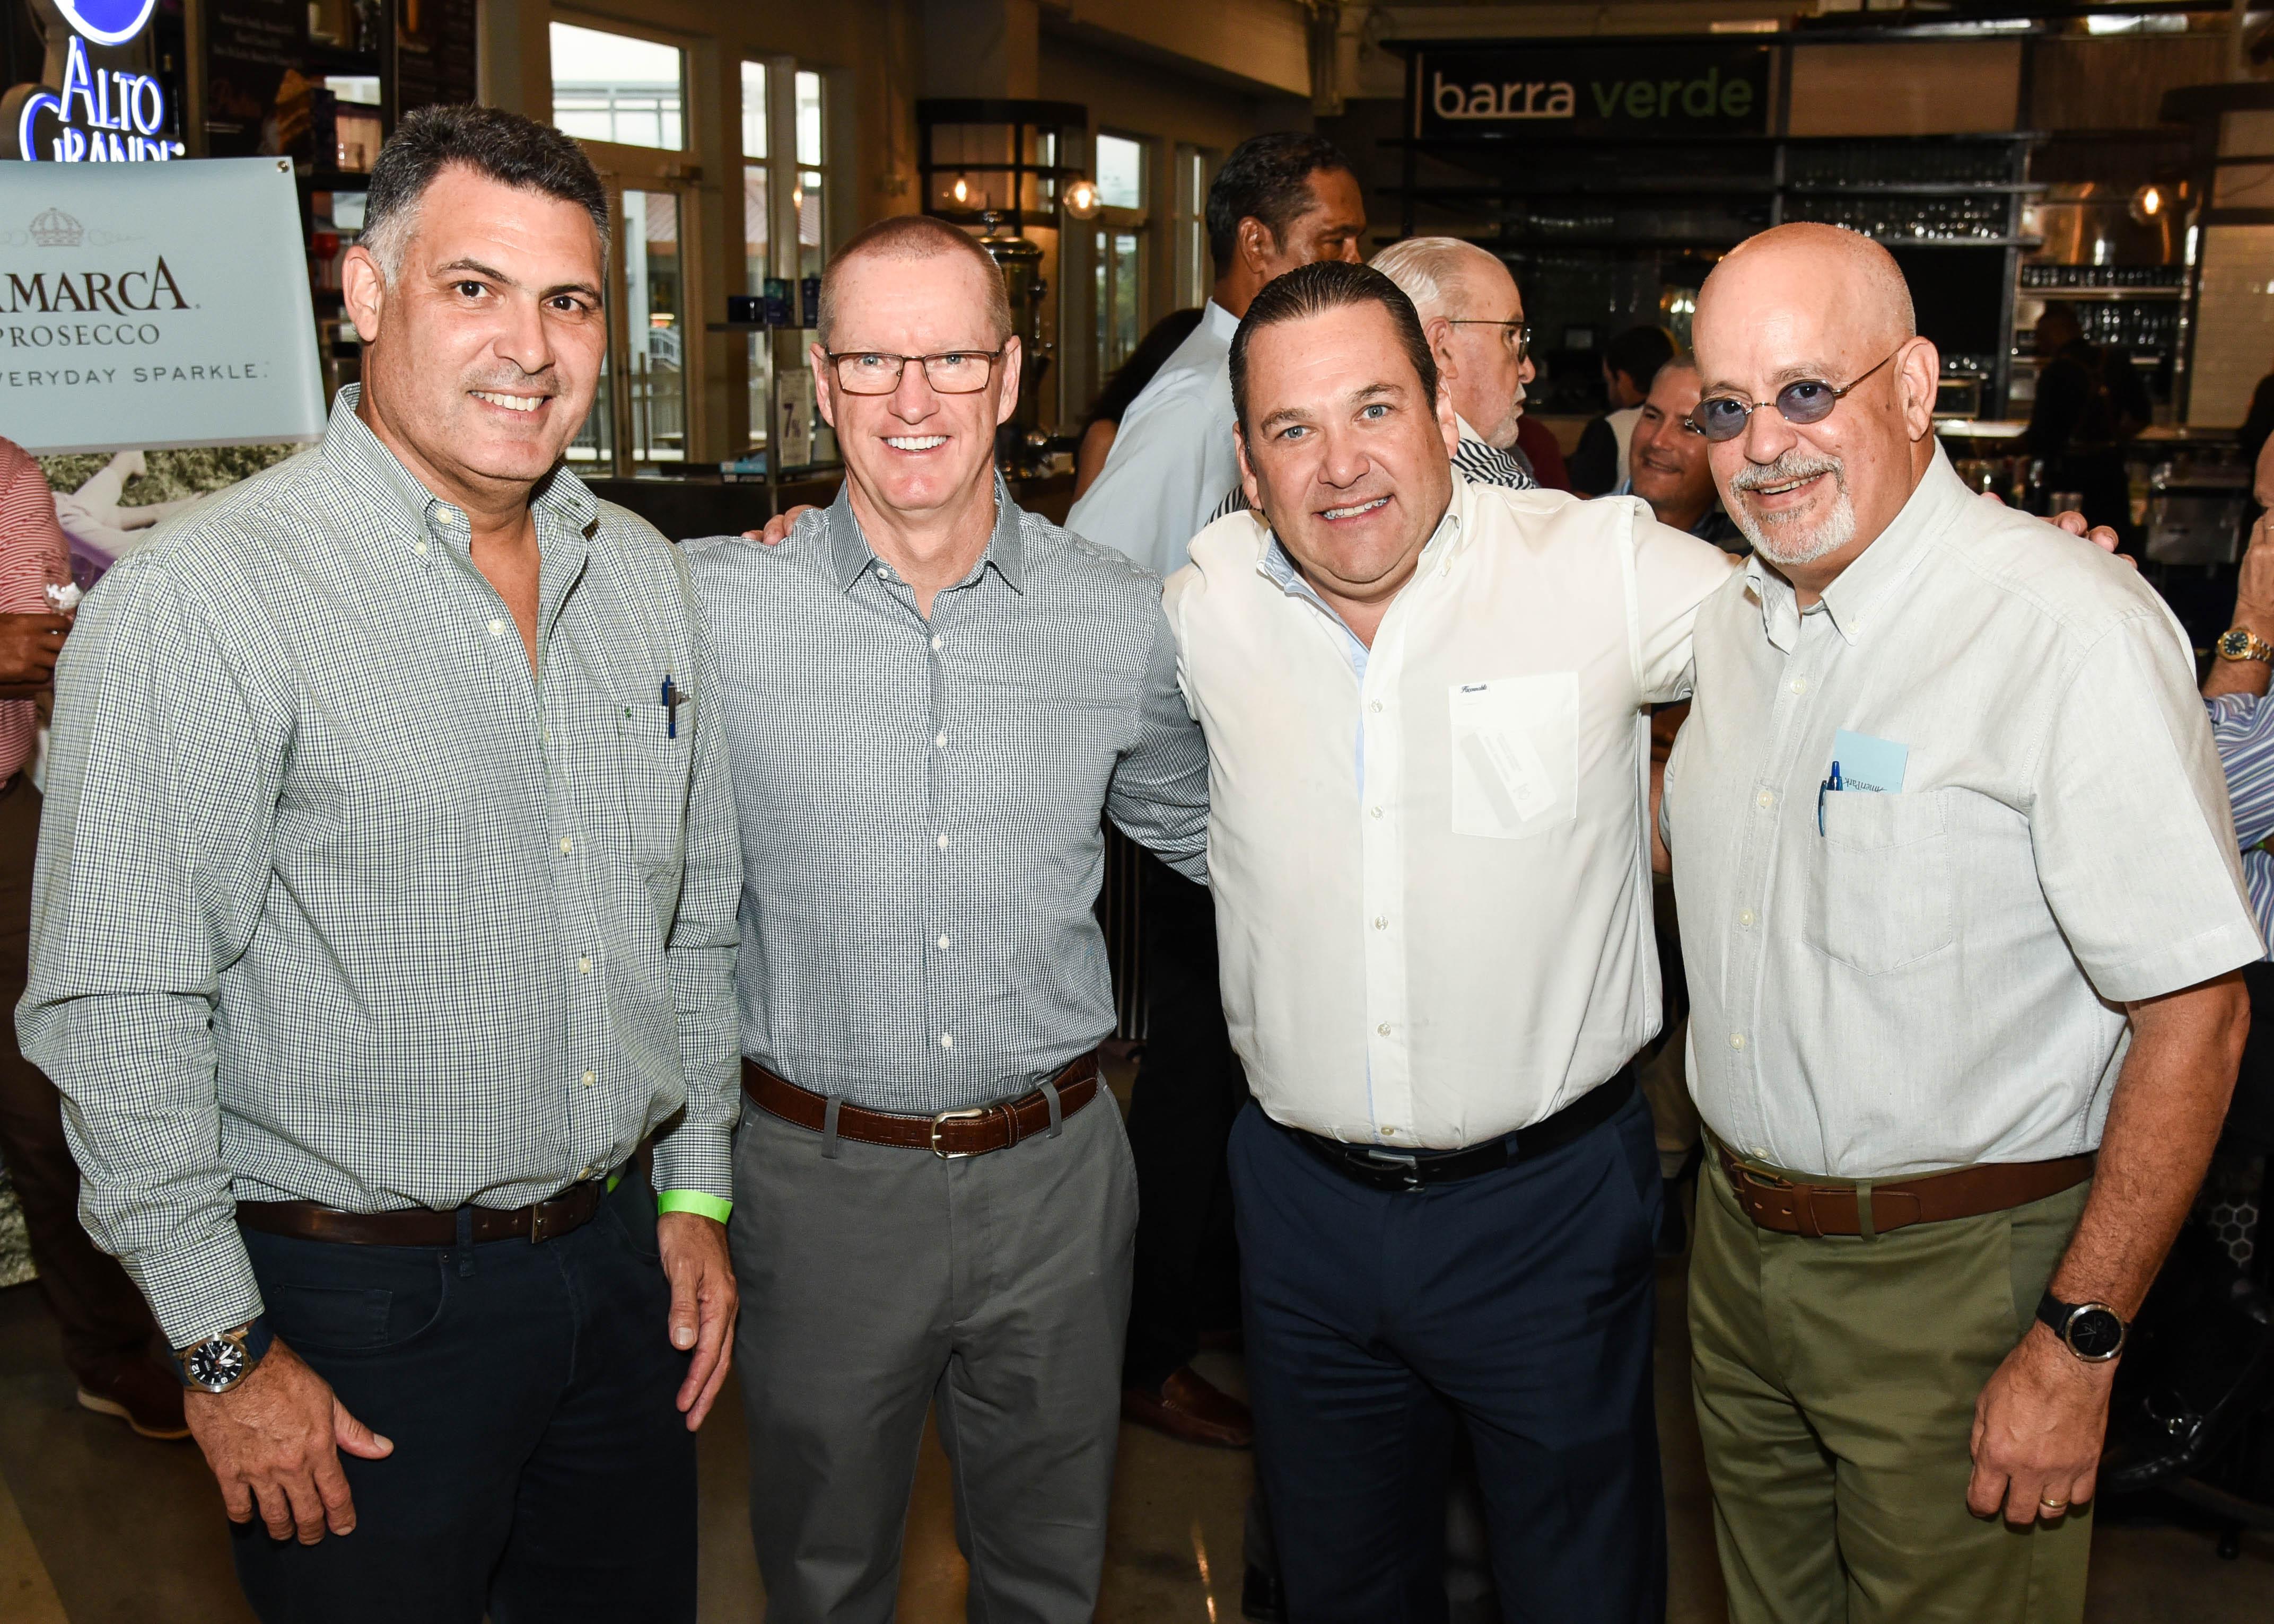 Peter Santiago, Michael Noone, Raúl Alvarado y Eduardo Pagán. (Enid M. Salgado Mercado)